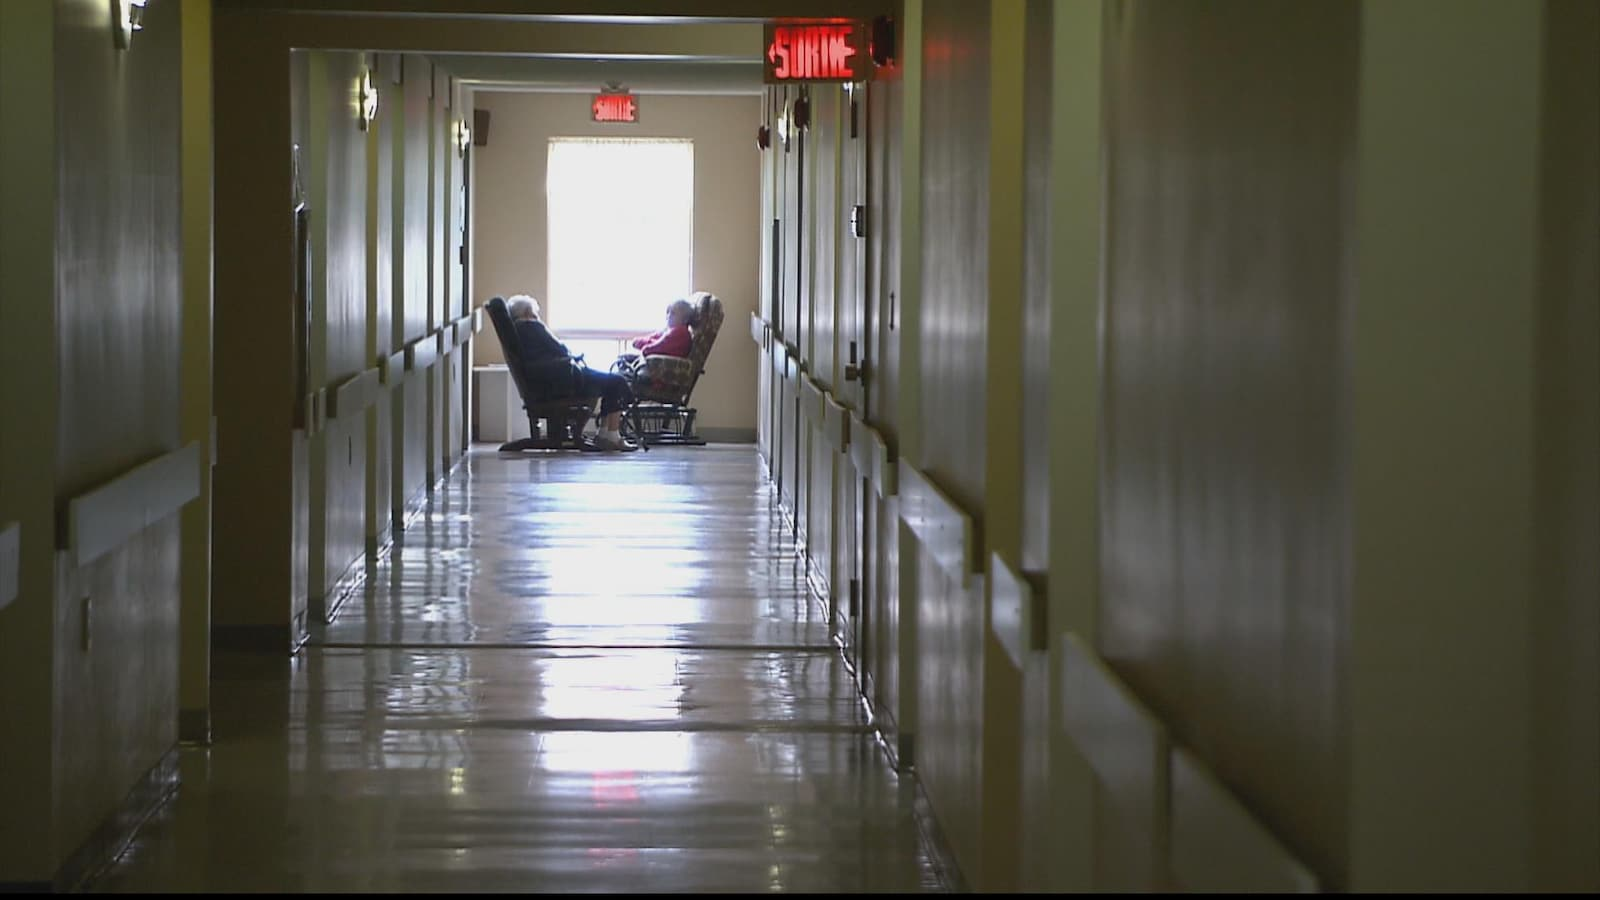 Un couloir dans un établissement de soins longue durée